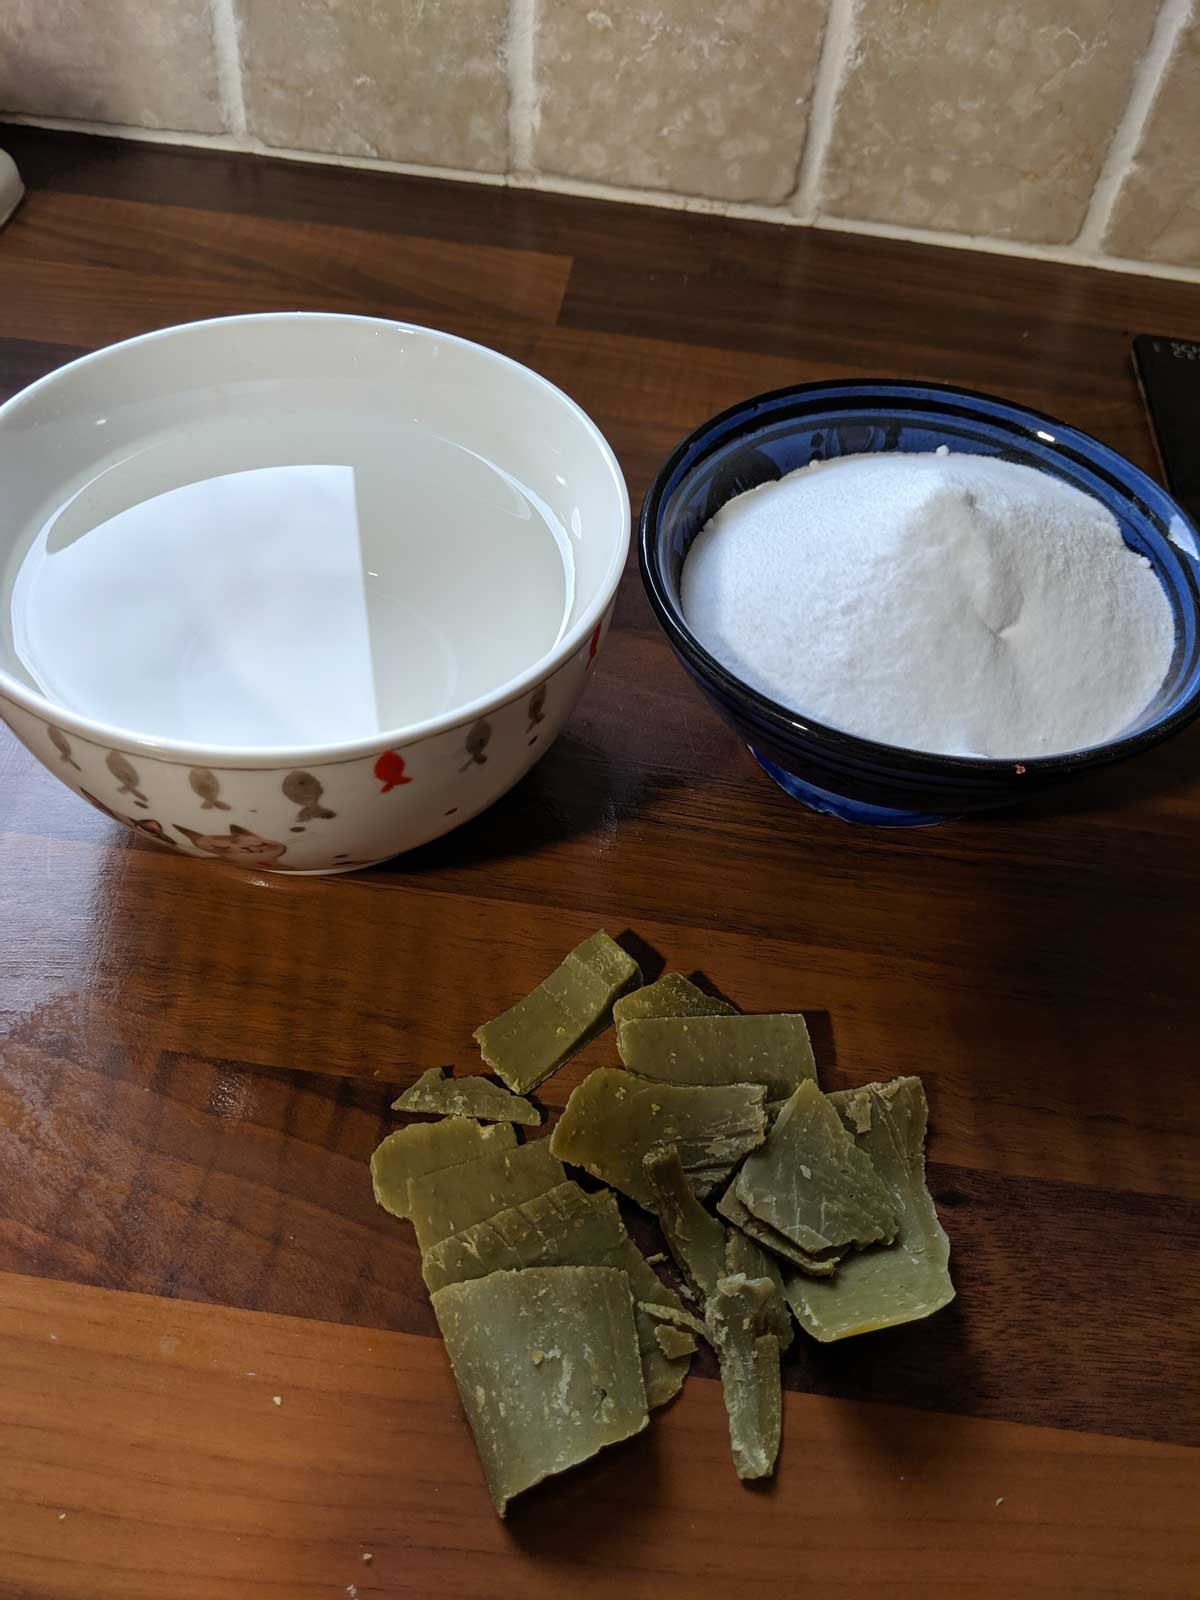 Tuto recette n°1 : la lessive liquide